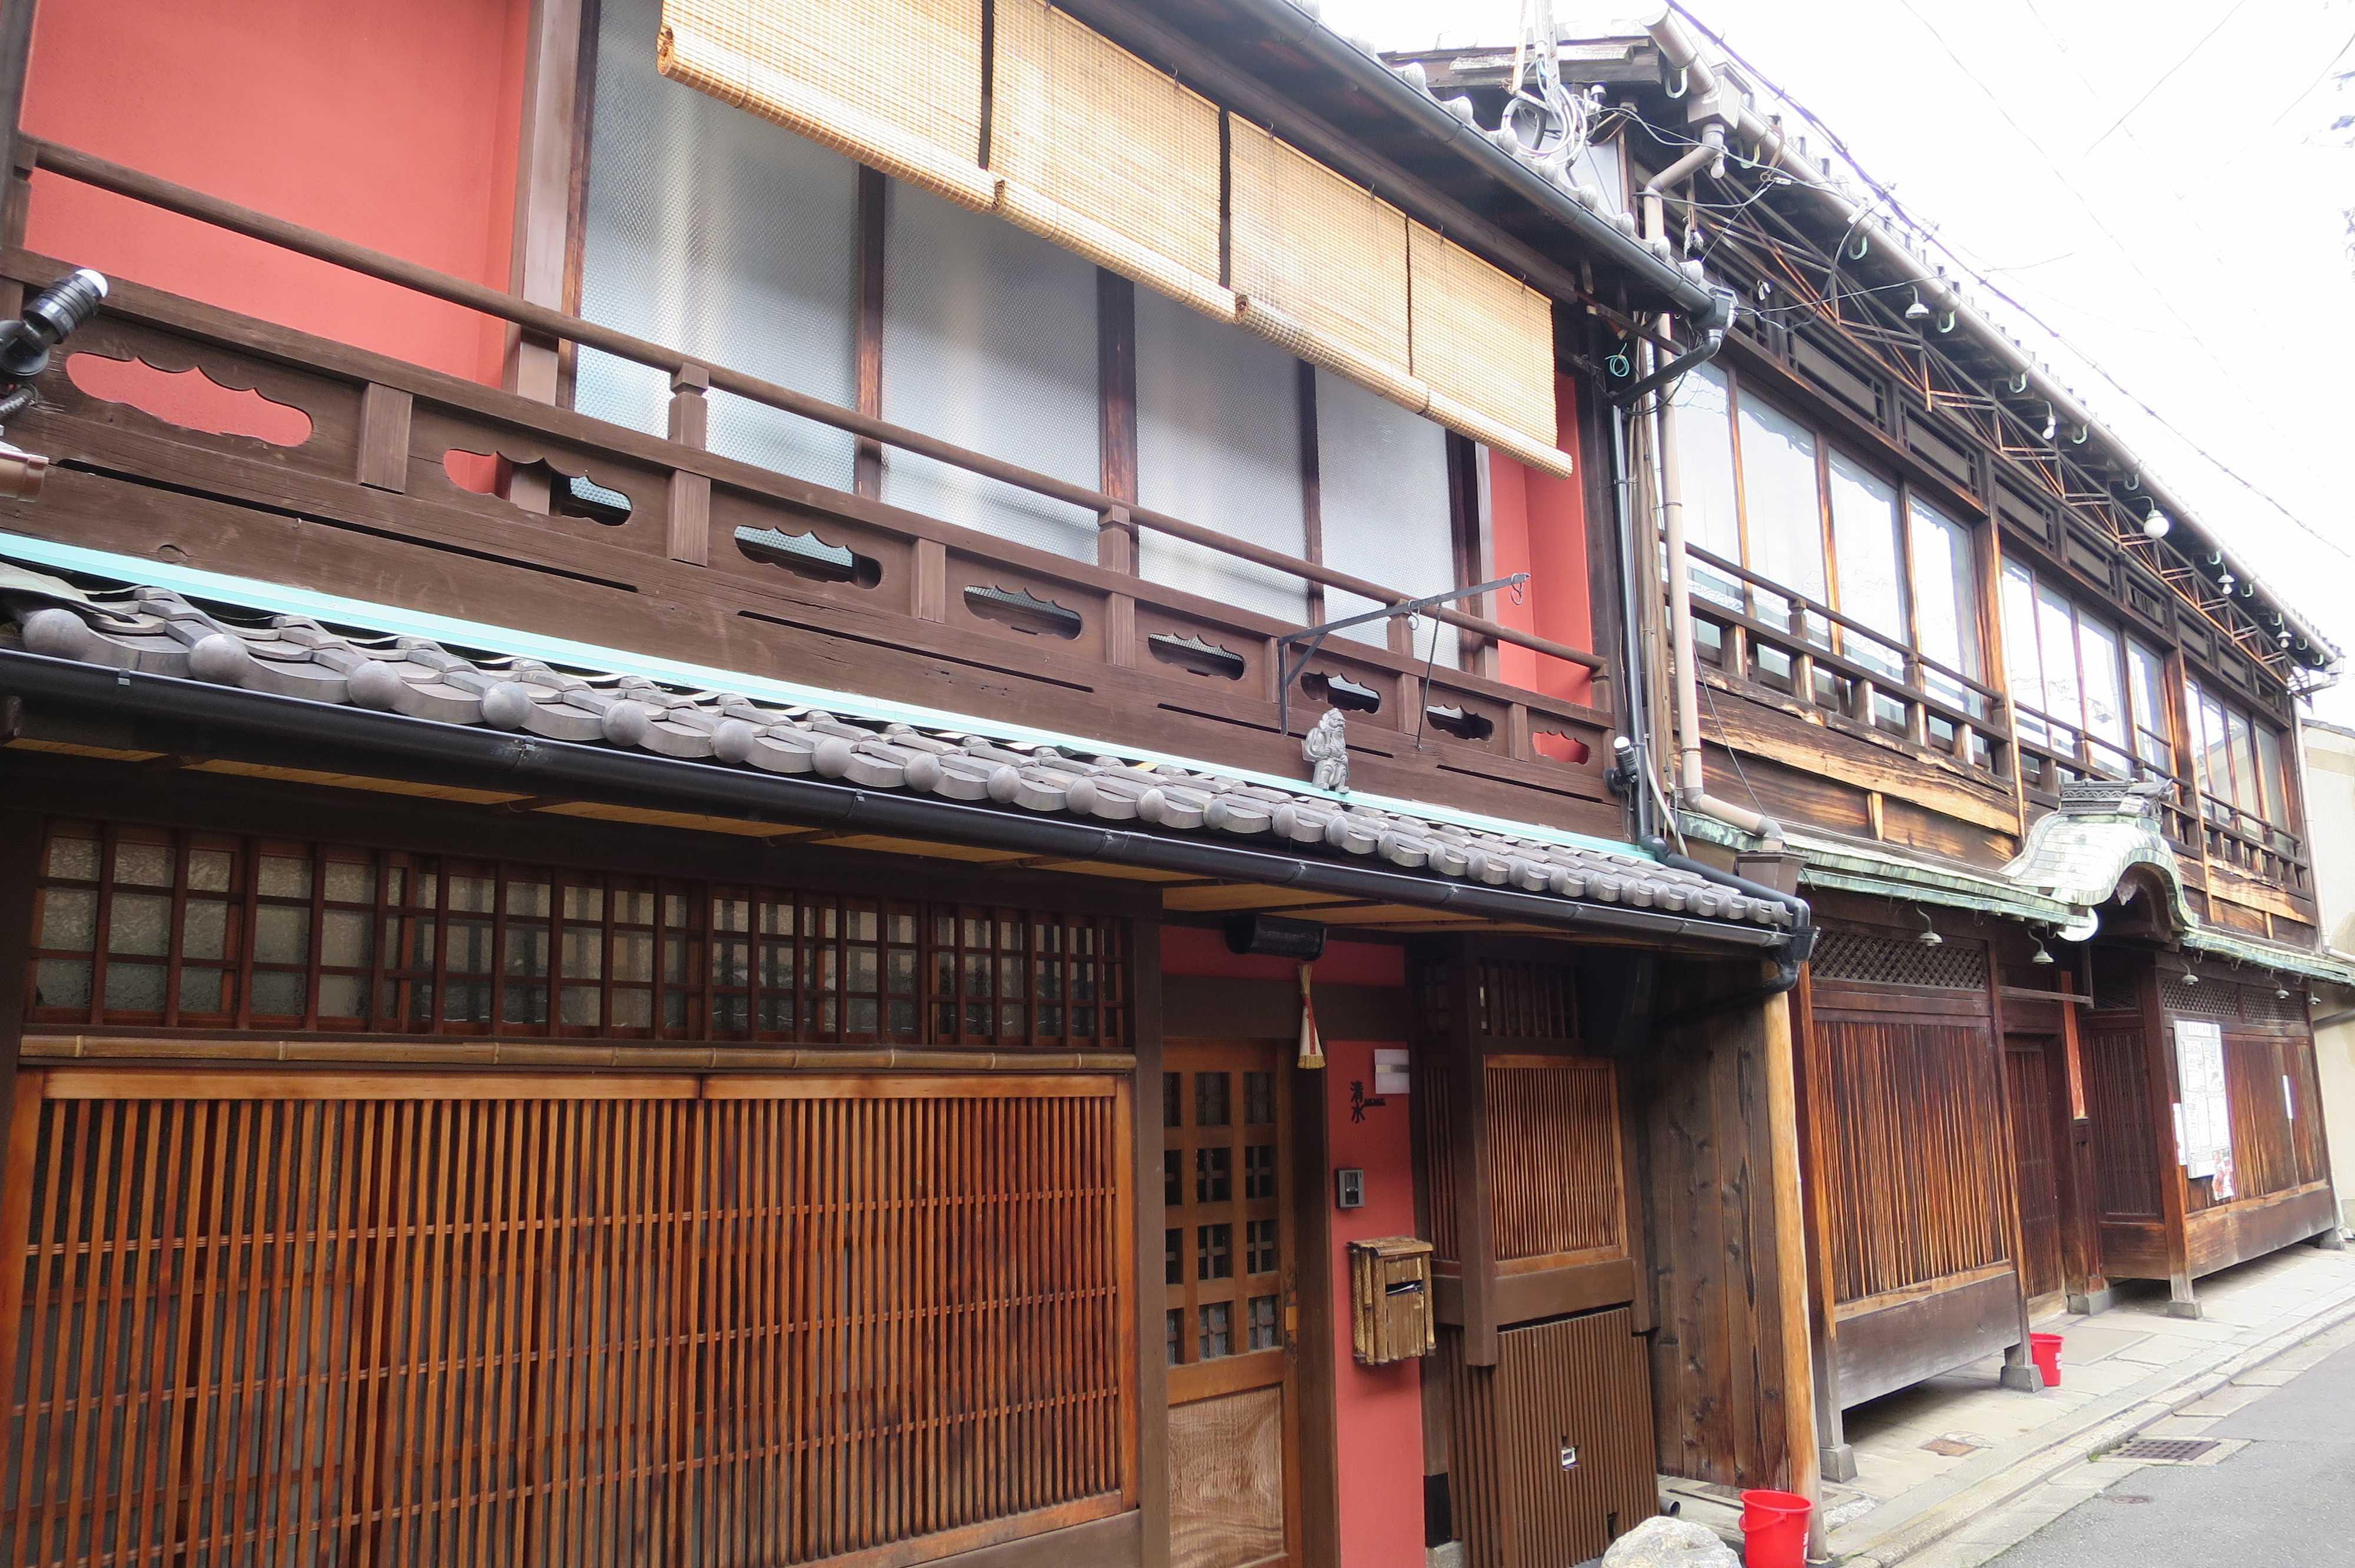 観光地ではない平成の京都の町並み